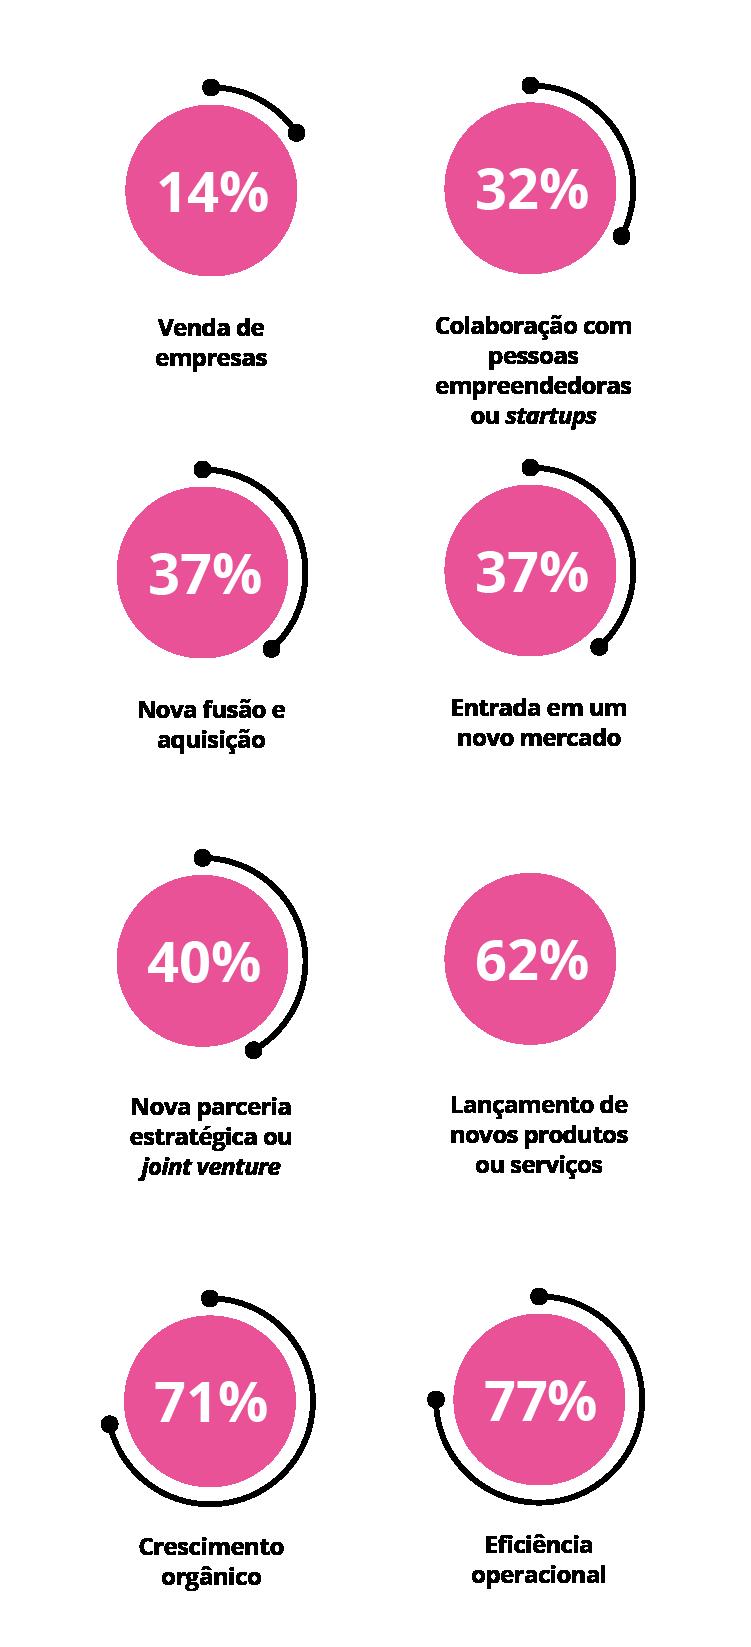 Diagrama - Atividades que CEOs globais planejam nos próximos 12 meses para gerar receita